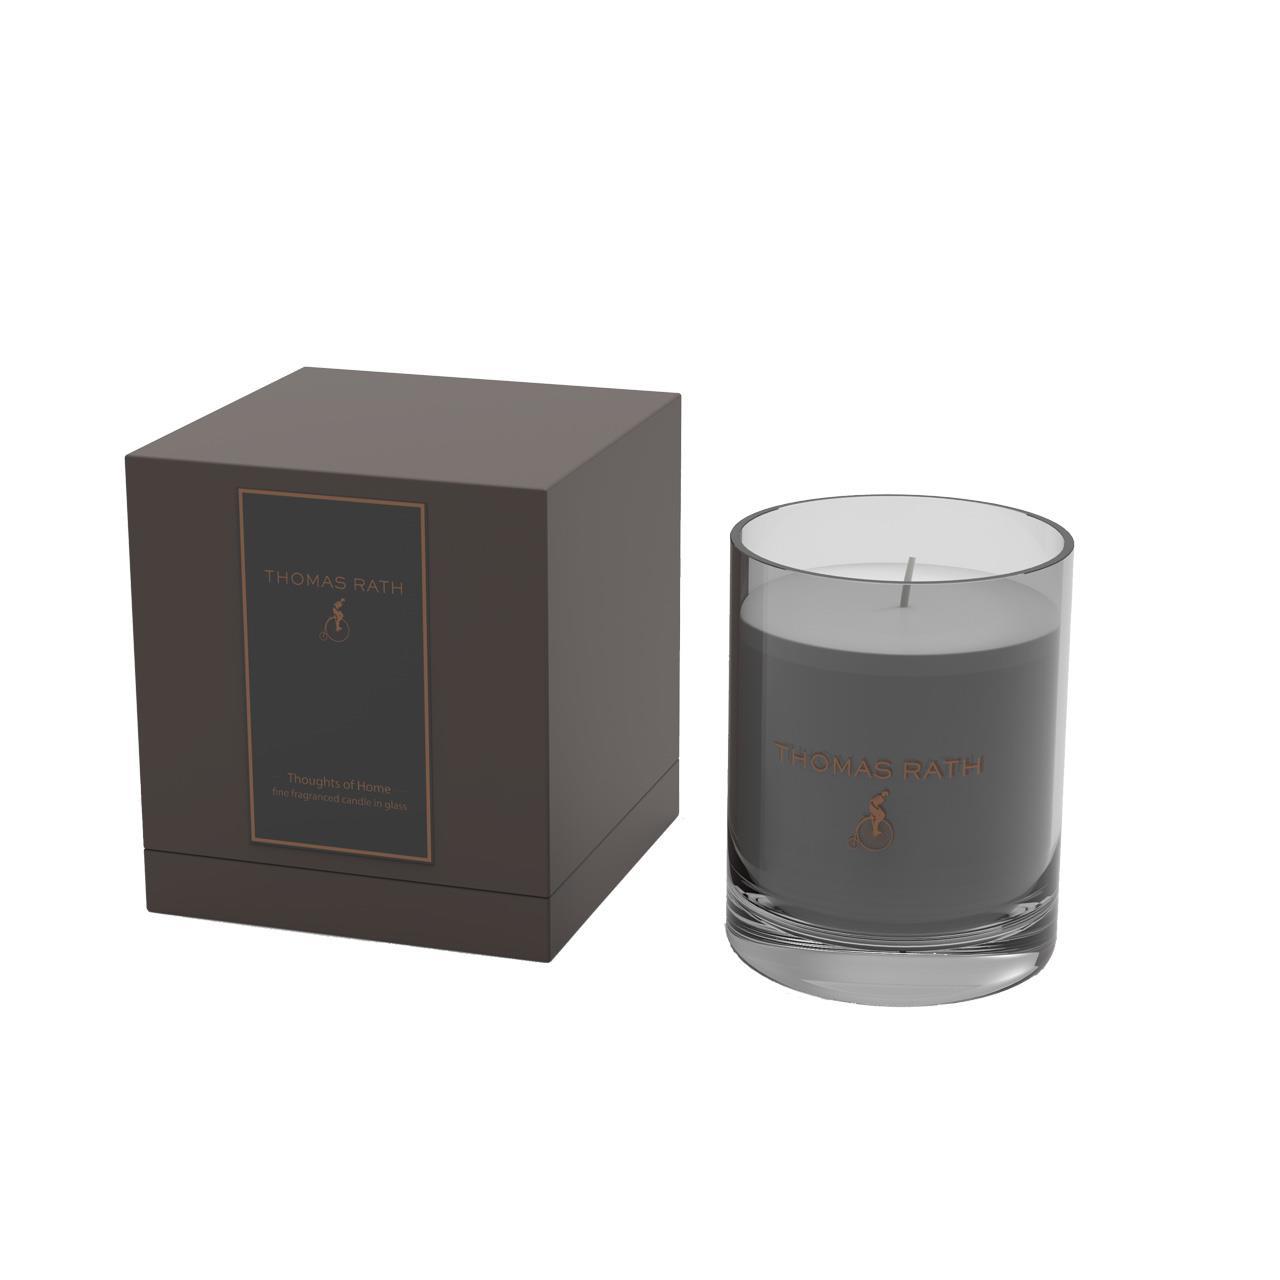 thomas rath duftkerze thoughts of home franzen. Black Bedroom Furniture Sets. Home Design Ideas